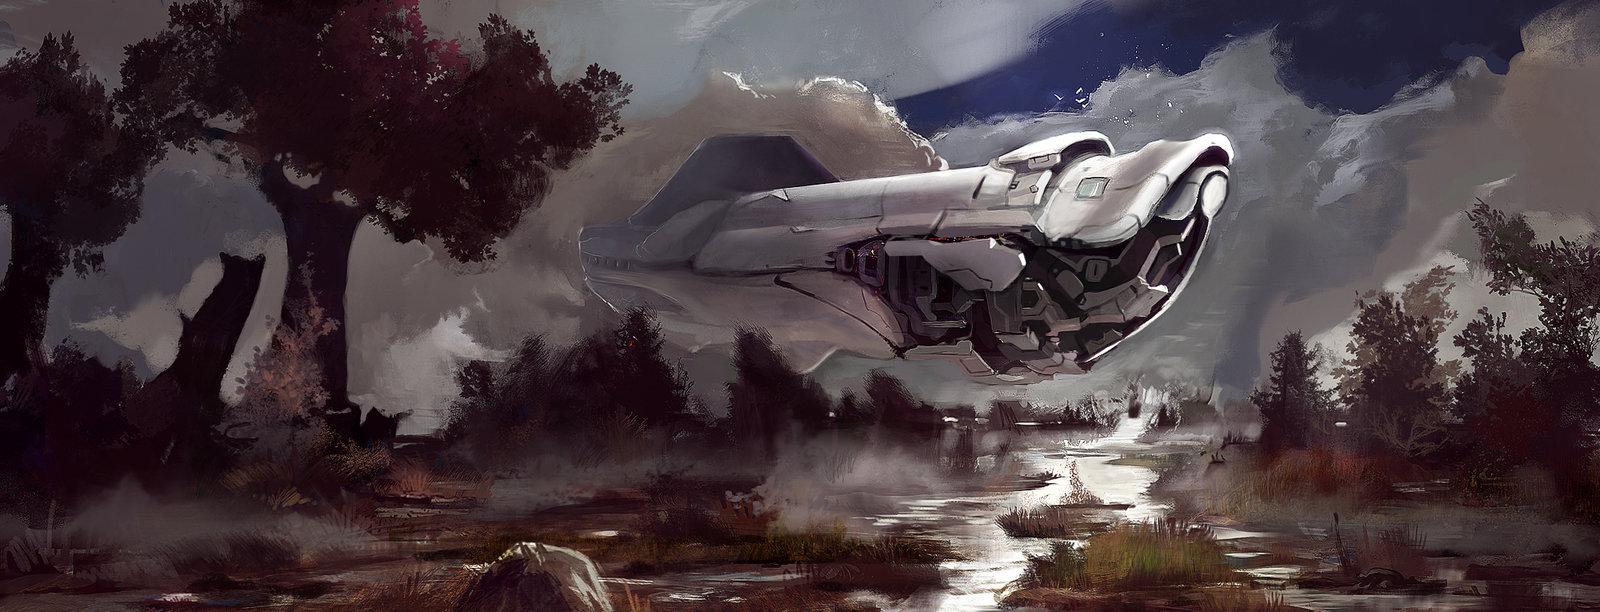 Spaceship comission